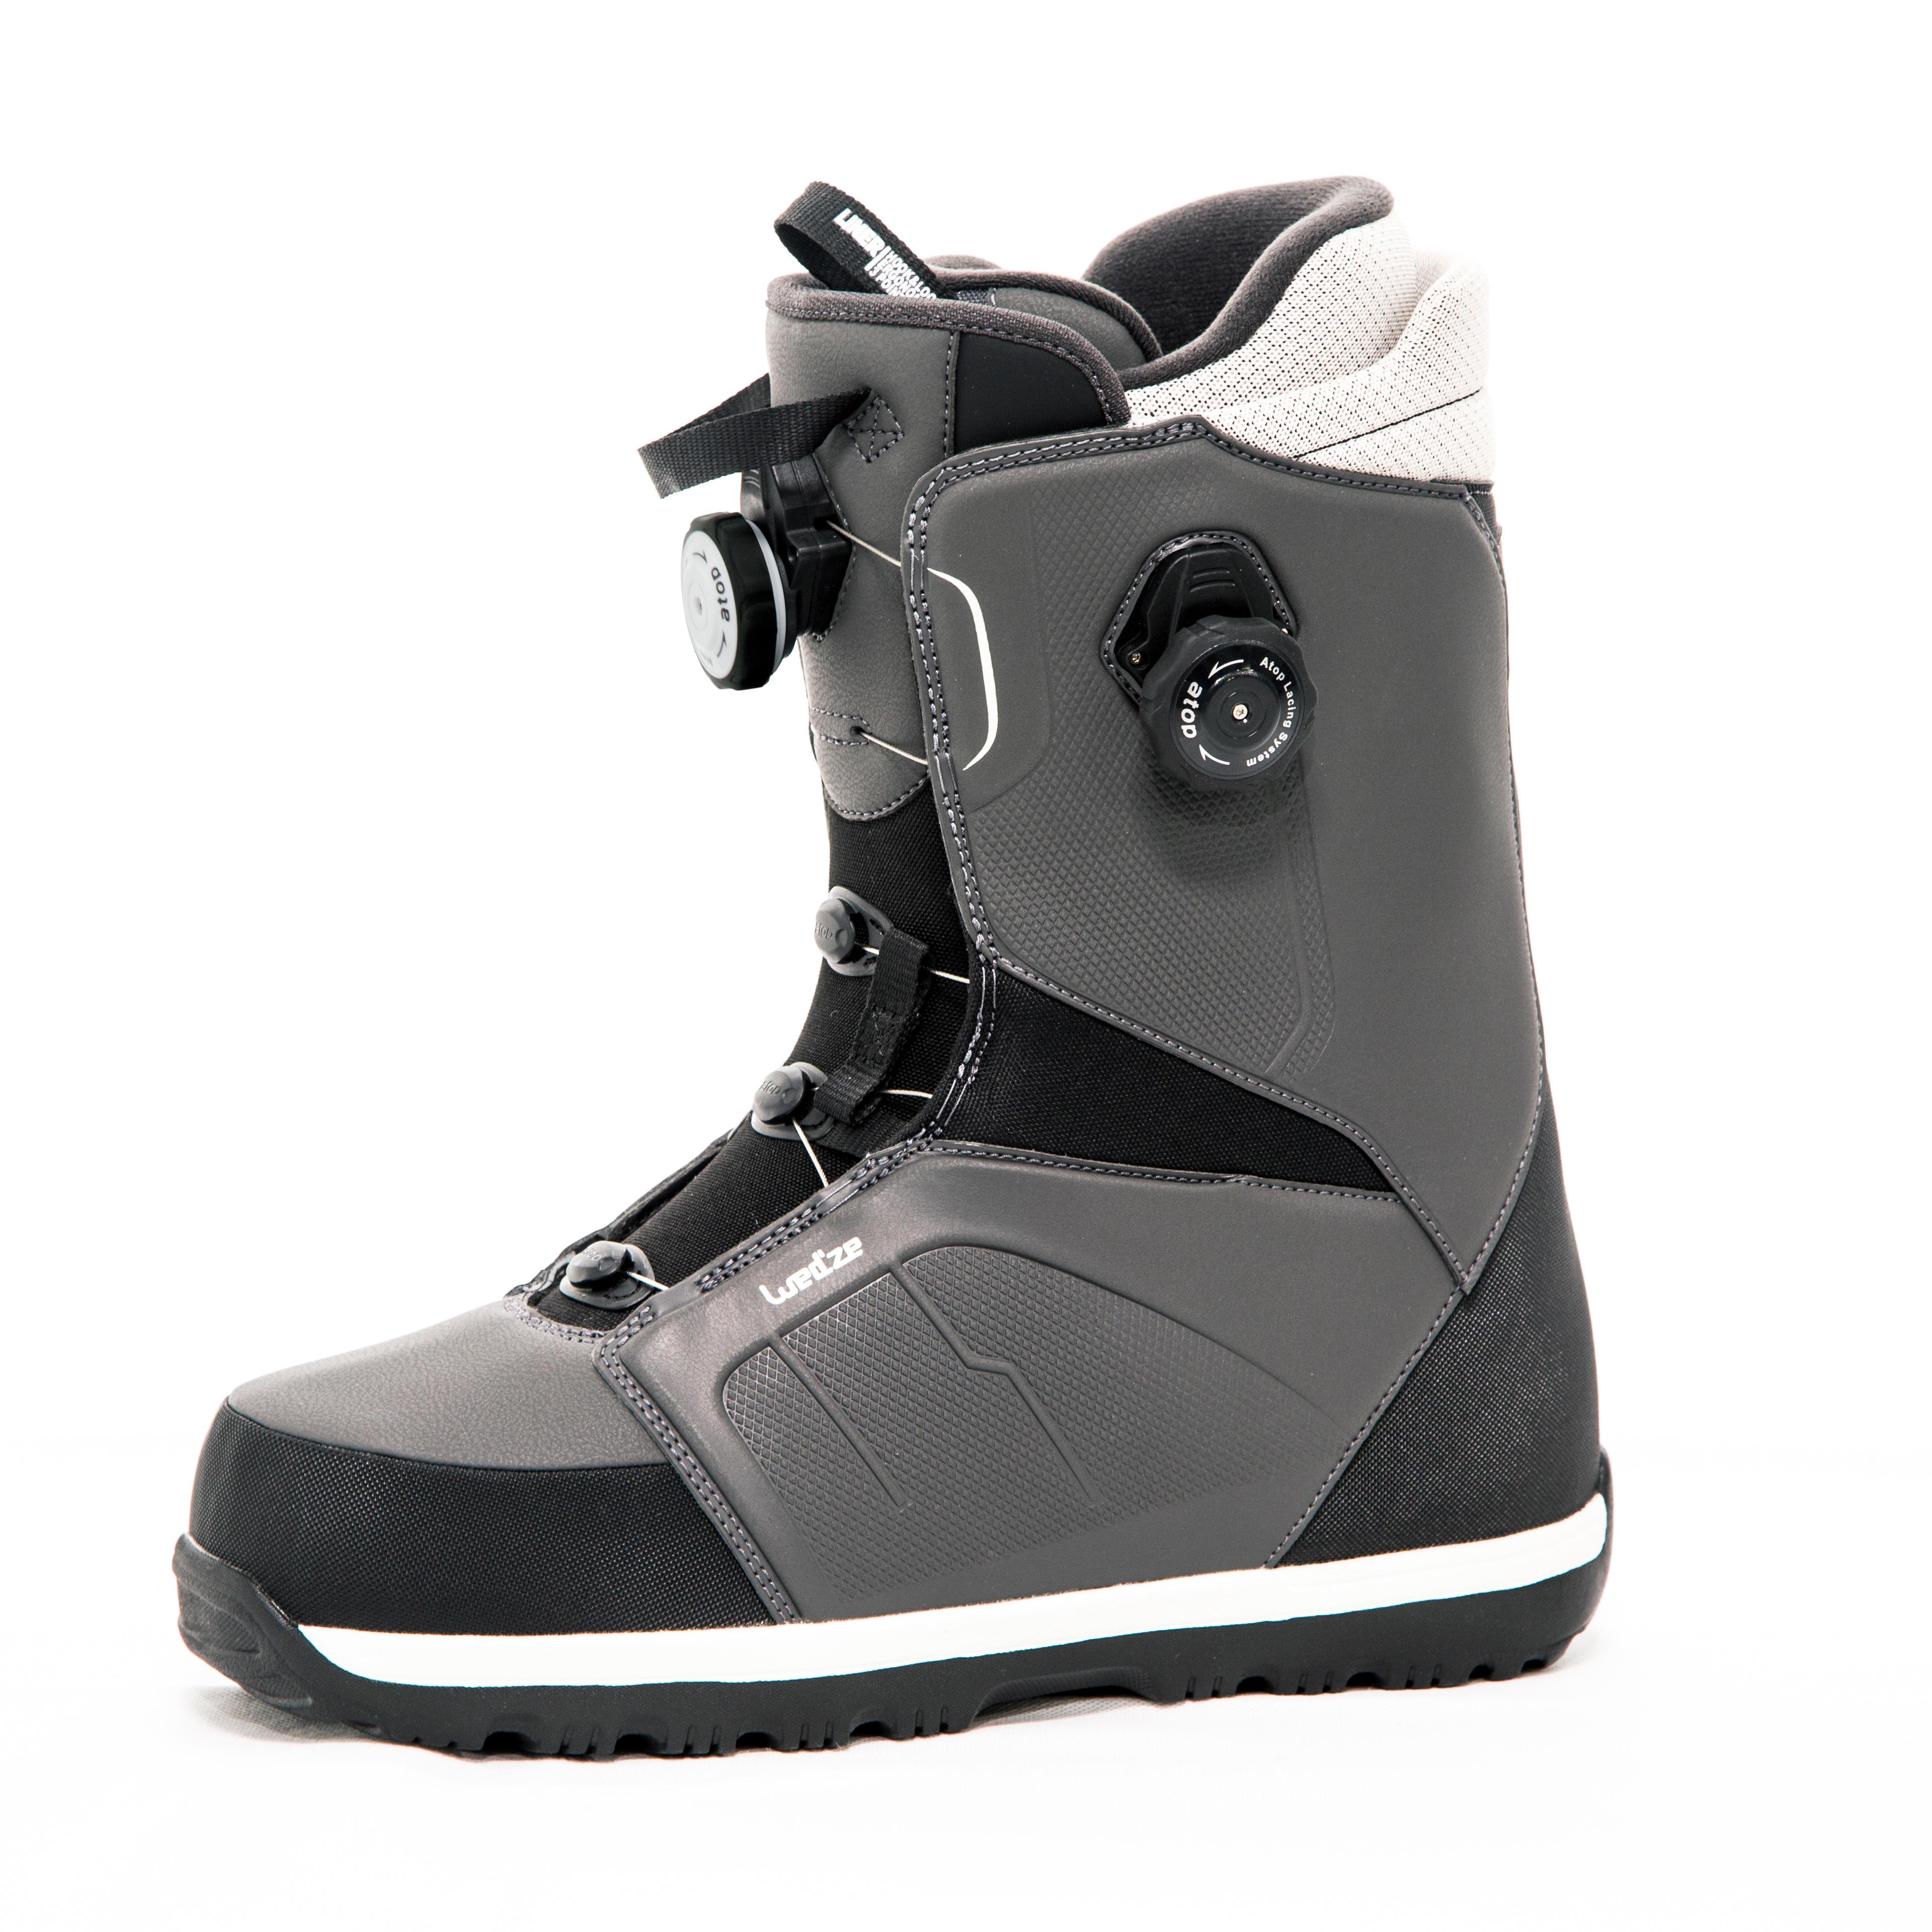 Herren Snowboardschuhe All Road 900 Double Cable All Mountain Herren | 03608449879767